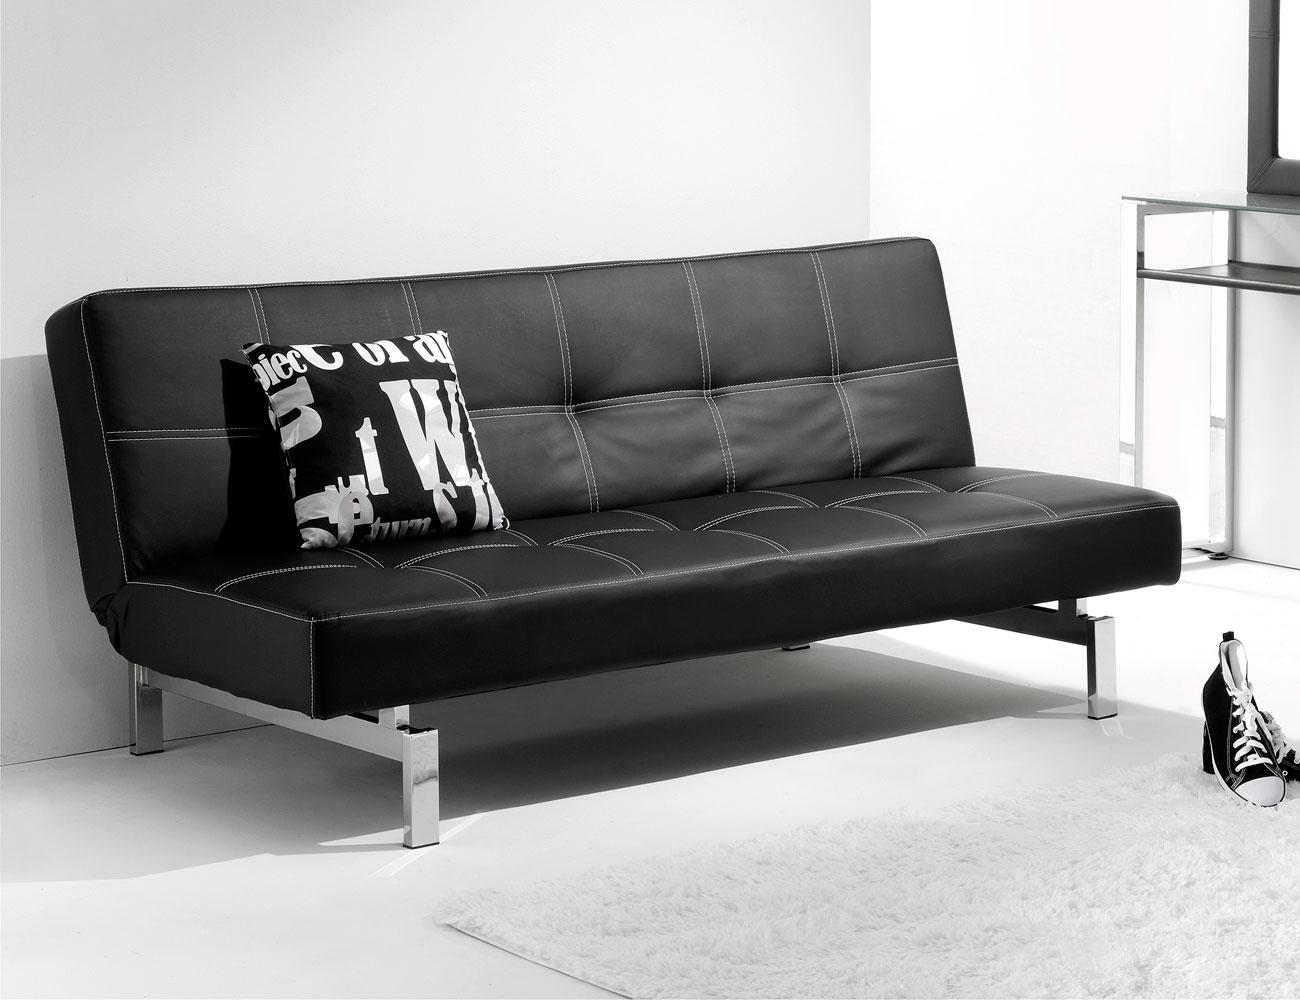 Sofá cama click clack en síml piel negro con patas cromadas (2296 ...